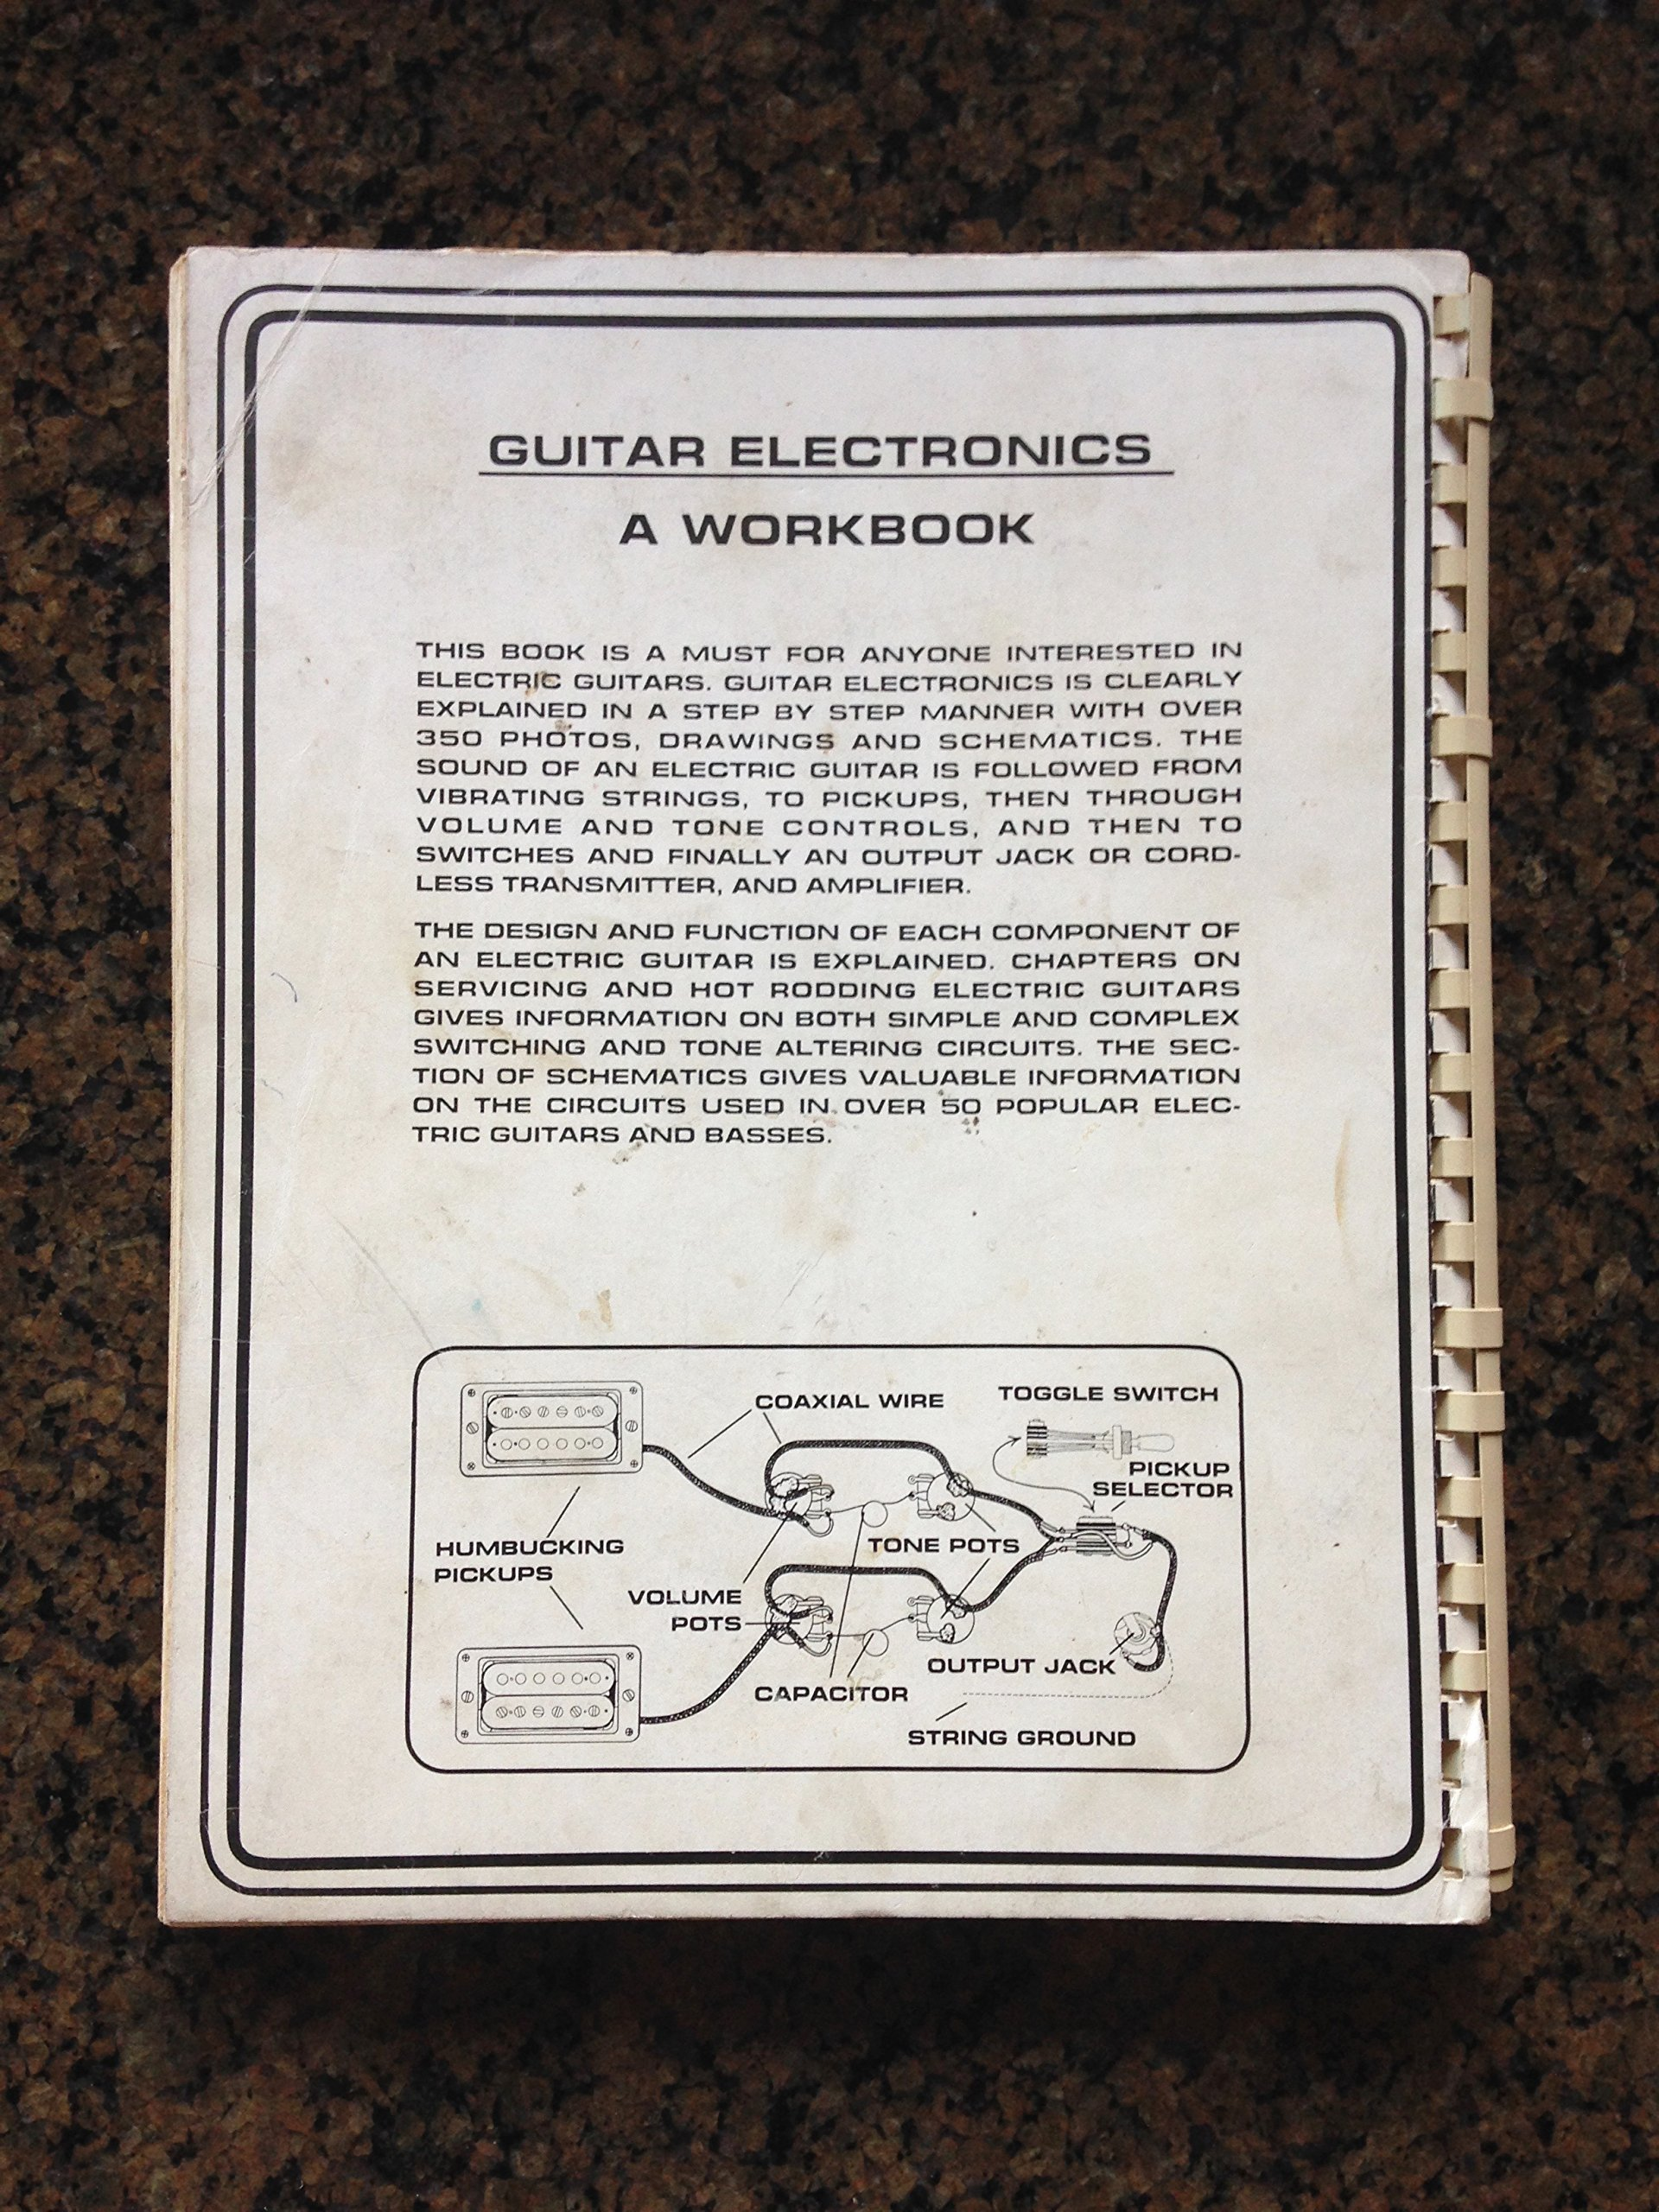 Guitar Electronics: A Workbook: Donald Brosnac: 9780942760002 ...